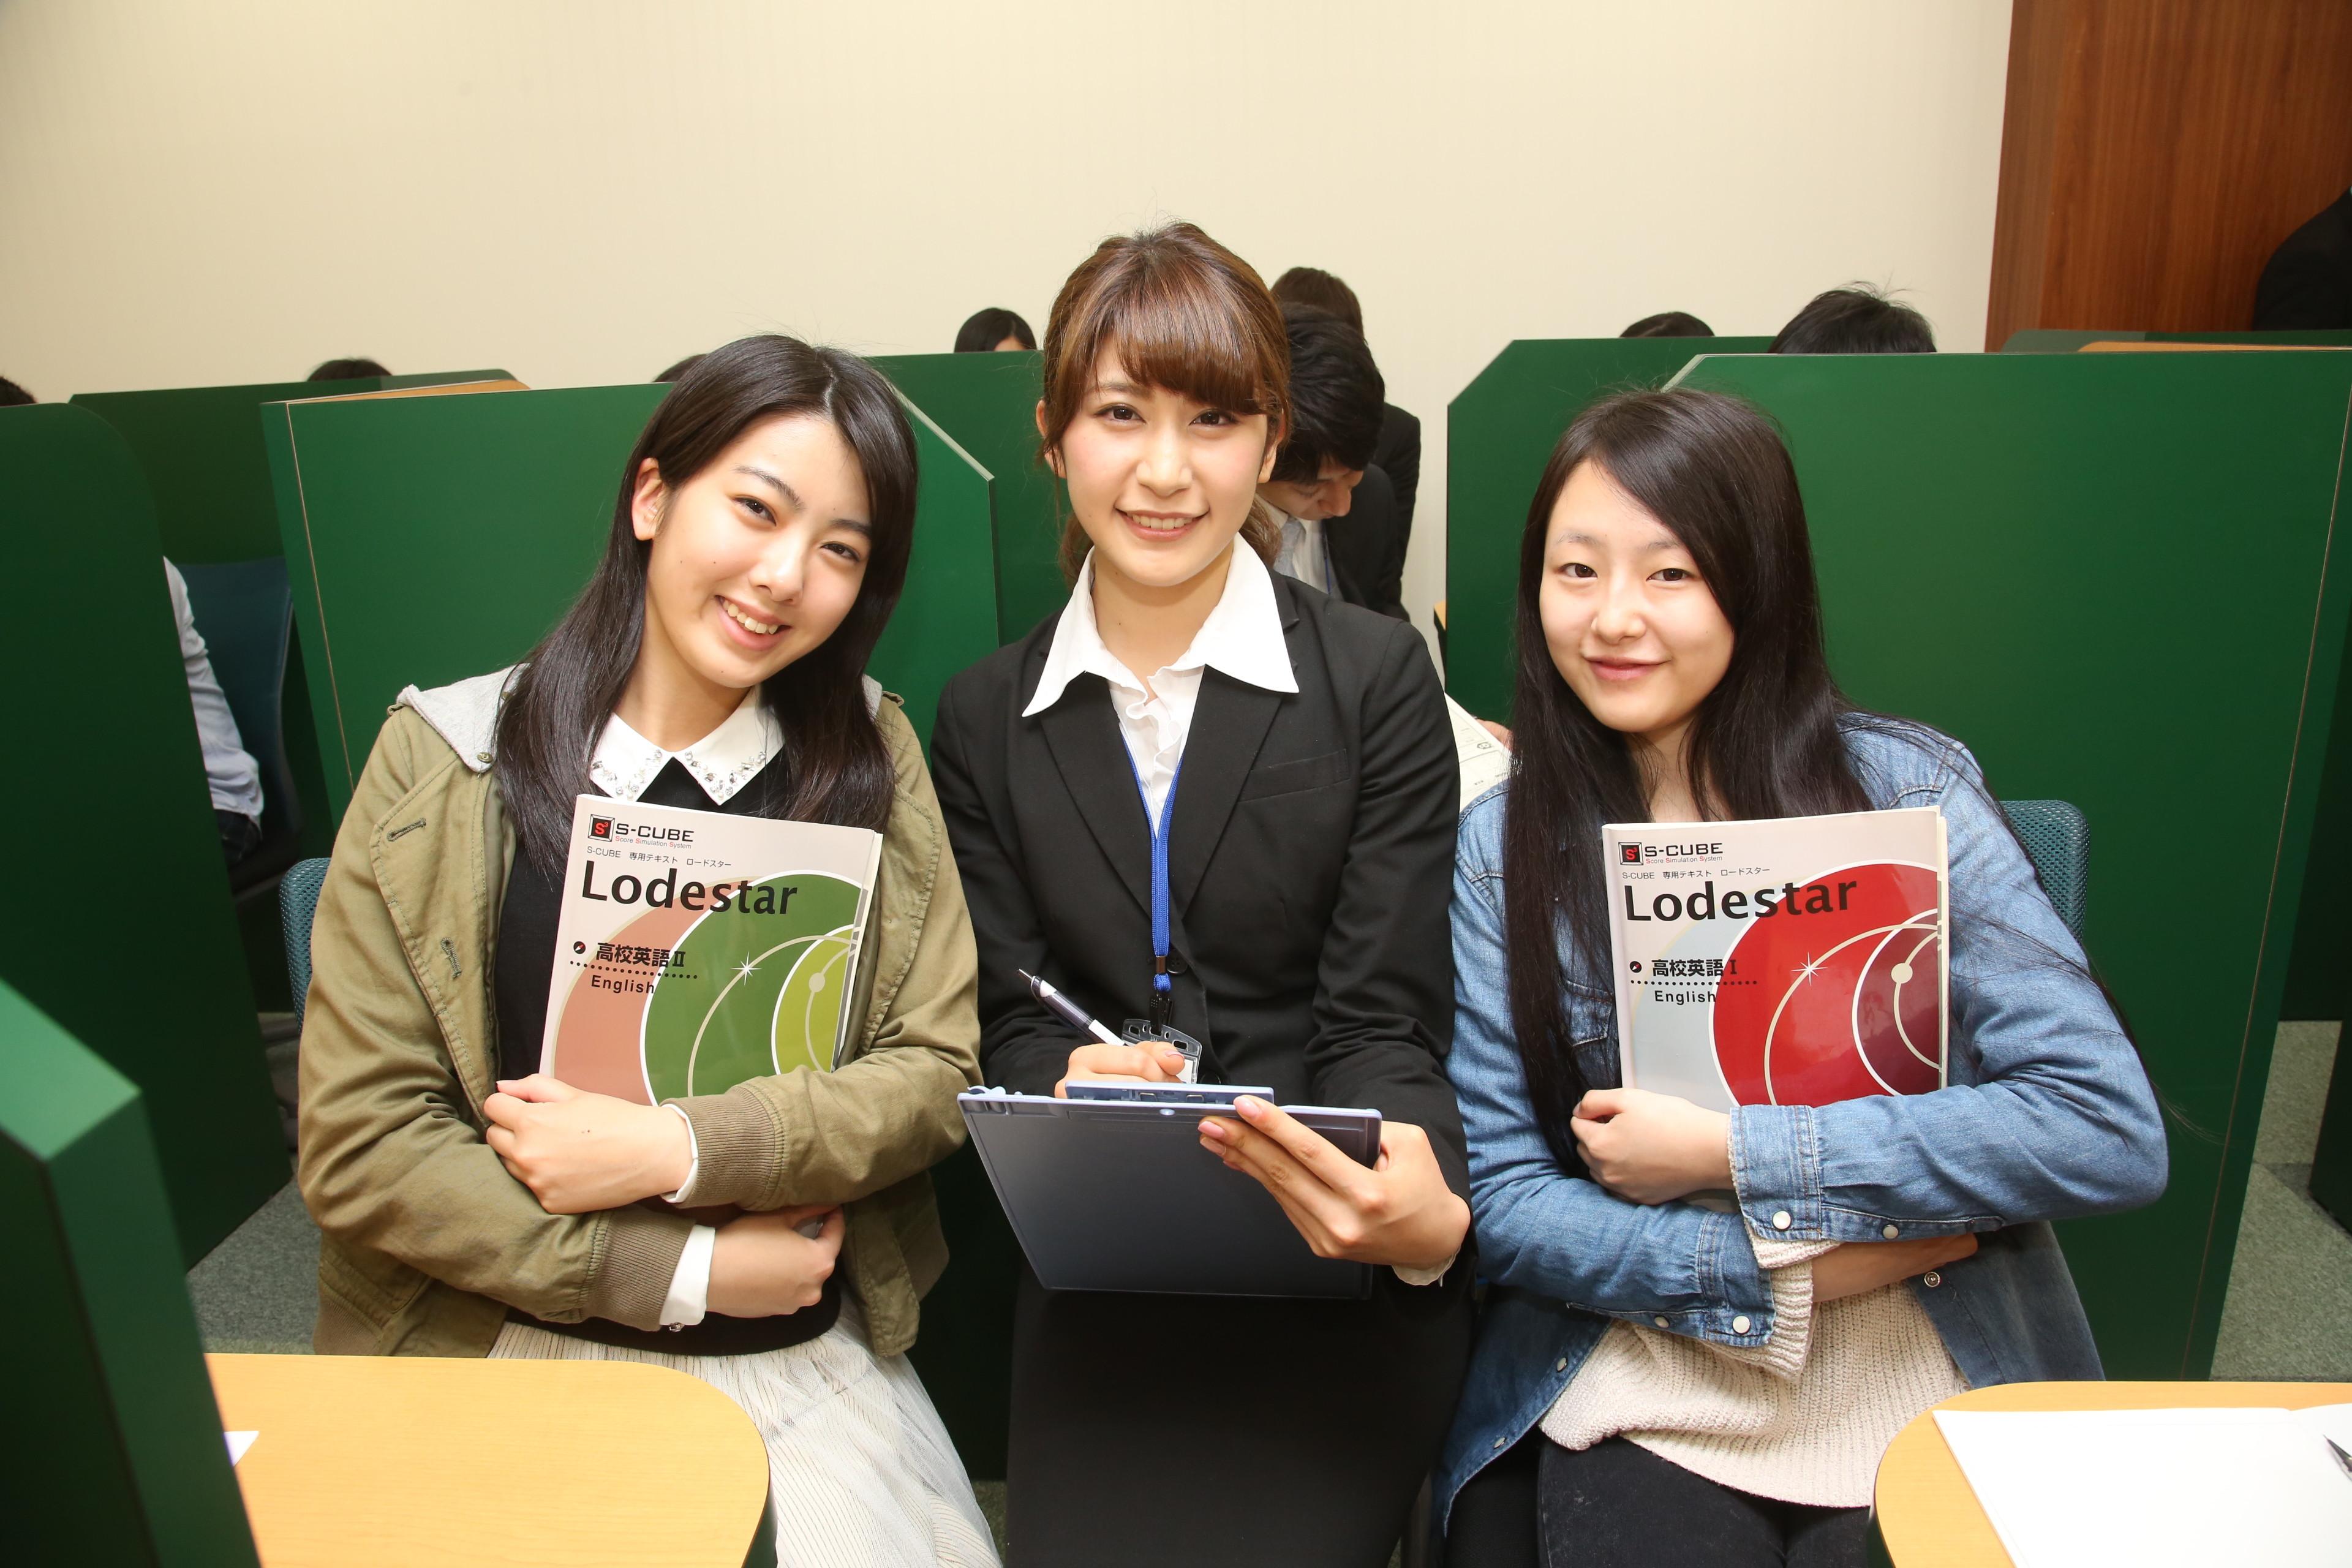 個別指導学院 フリーステップ 宝塚山本教室のアルバイト情報